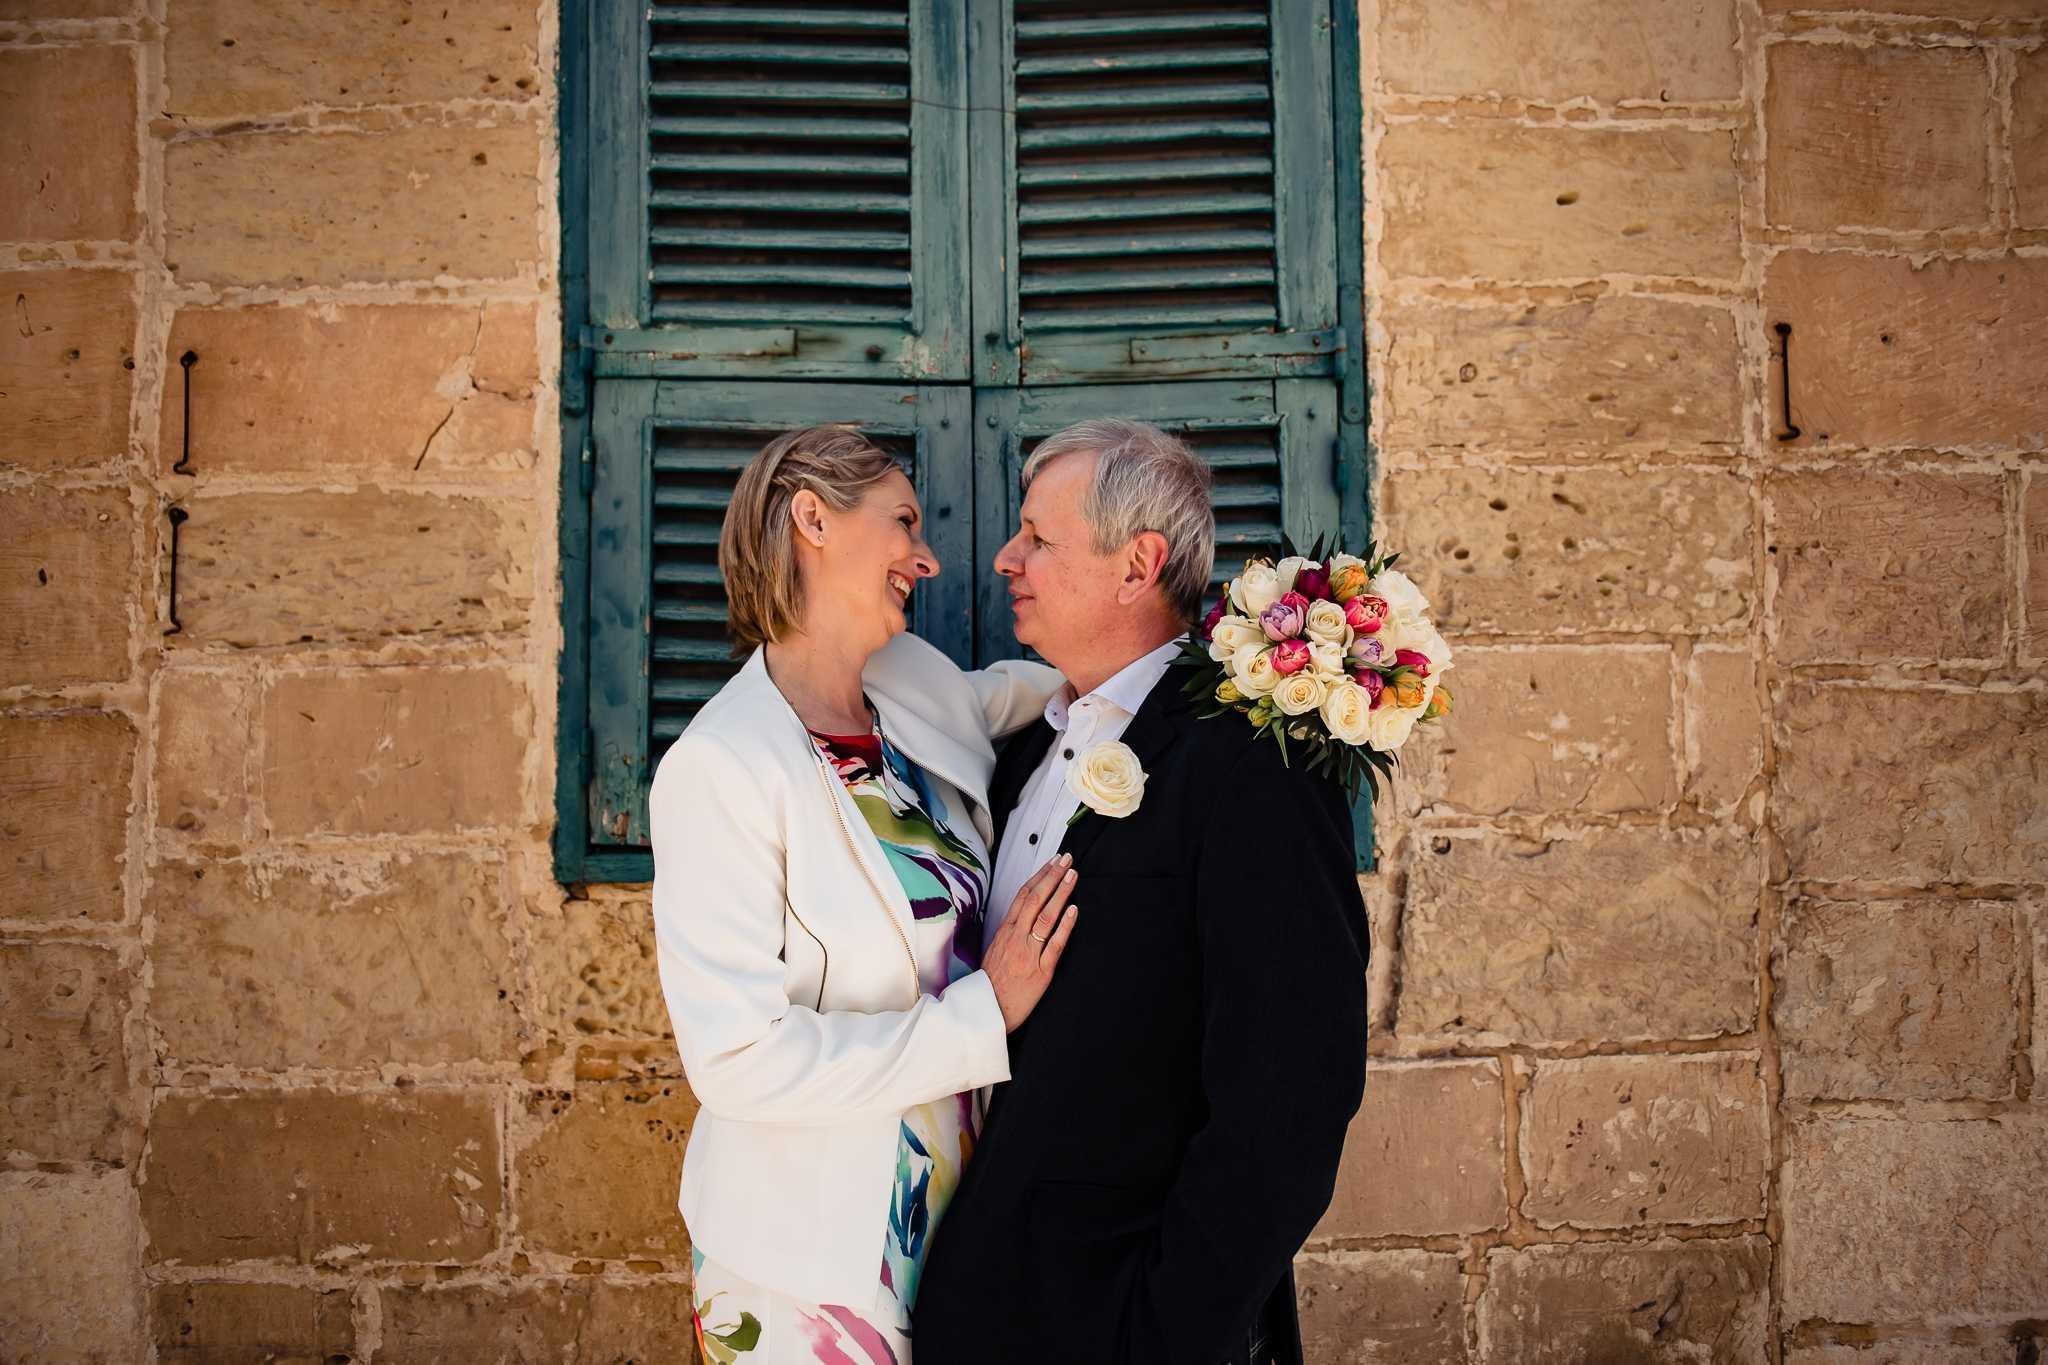 destinationweddings-intimateweddings-malta